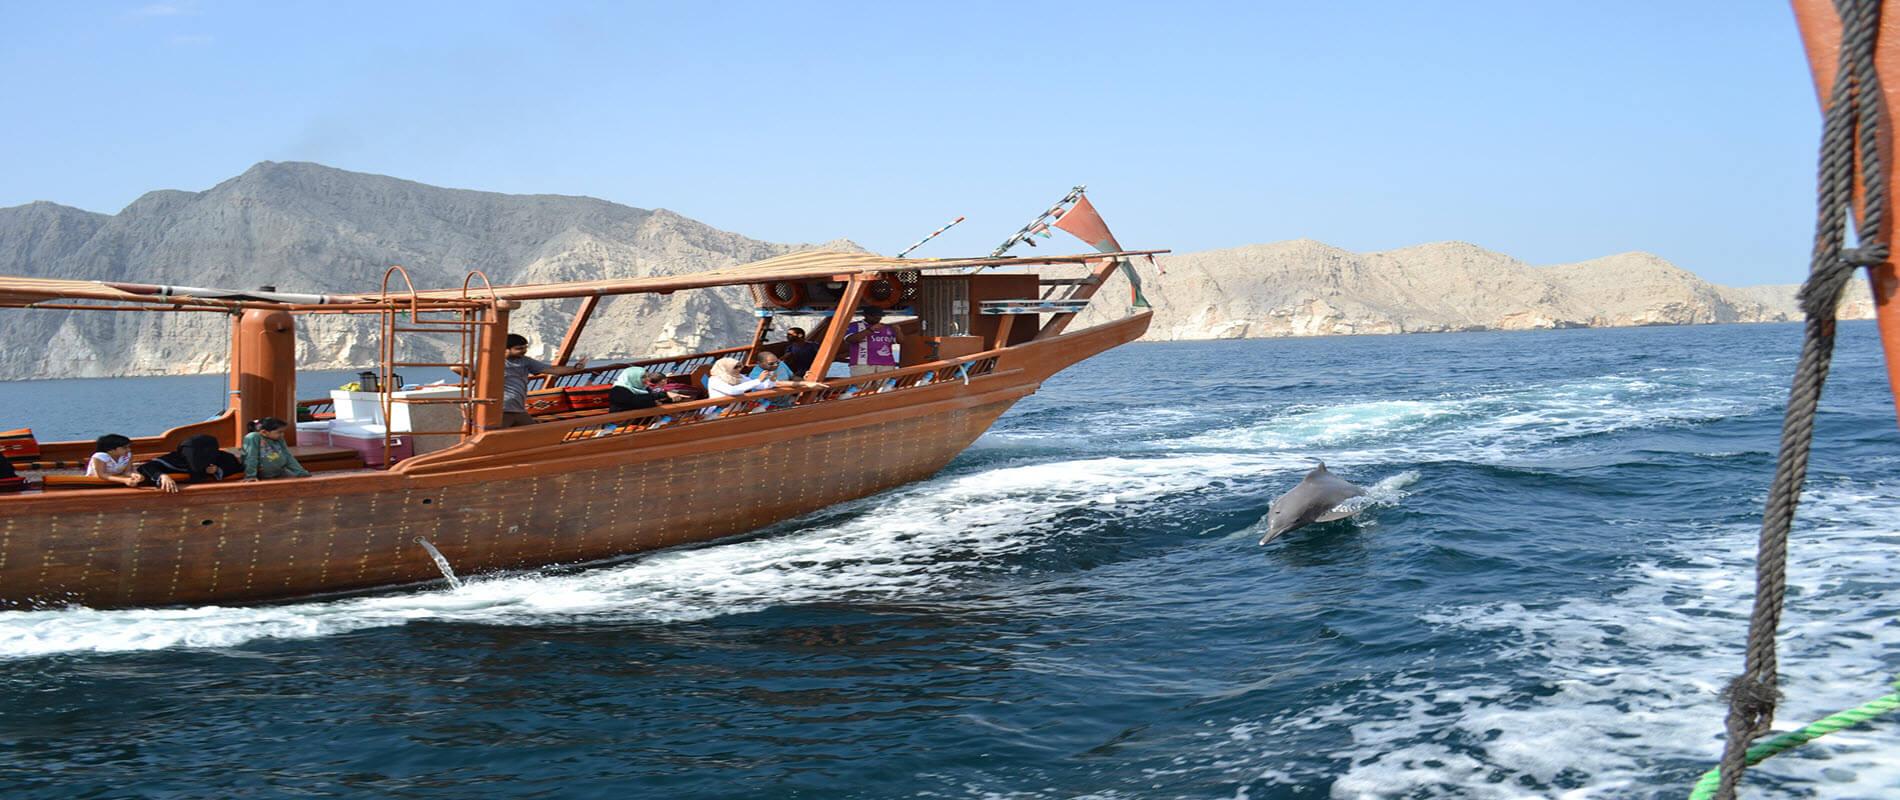 Musundam Dibba Cruise